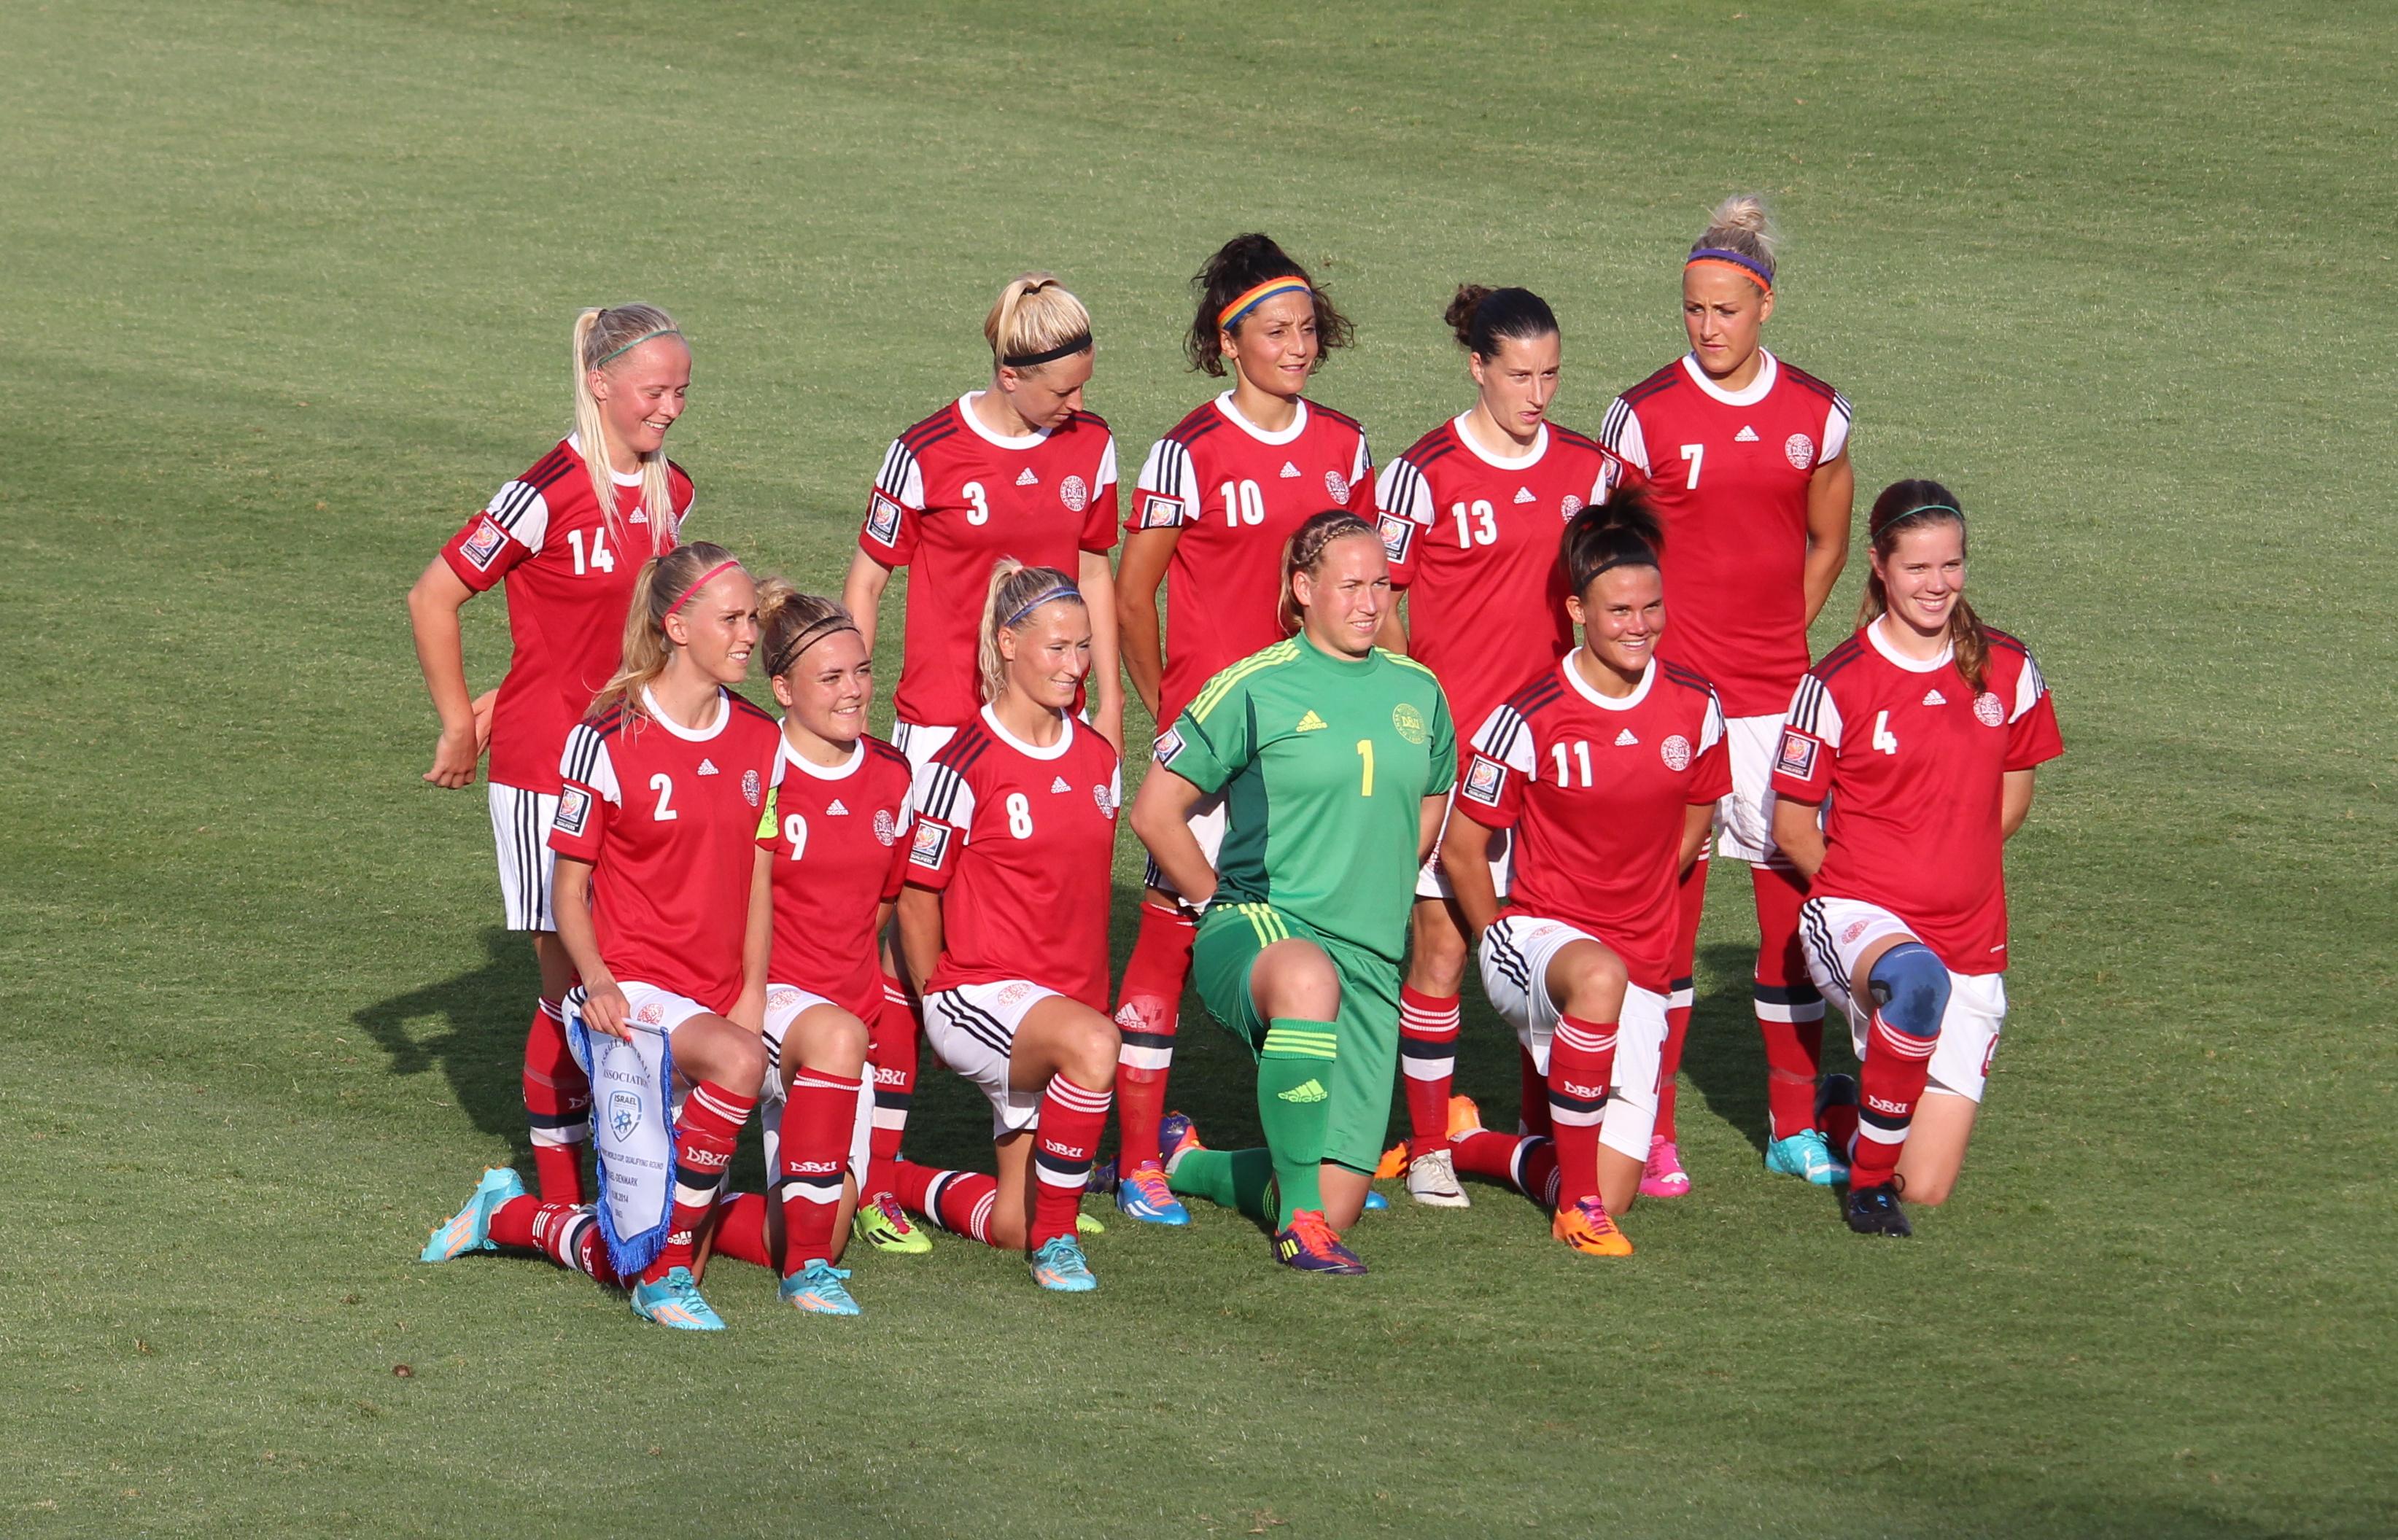 kvindernes fodboldlandshold